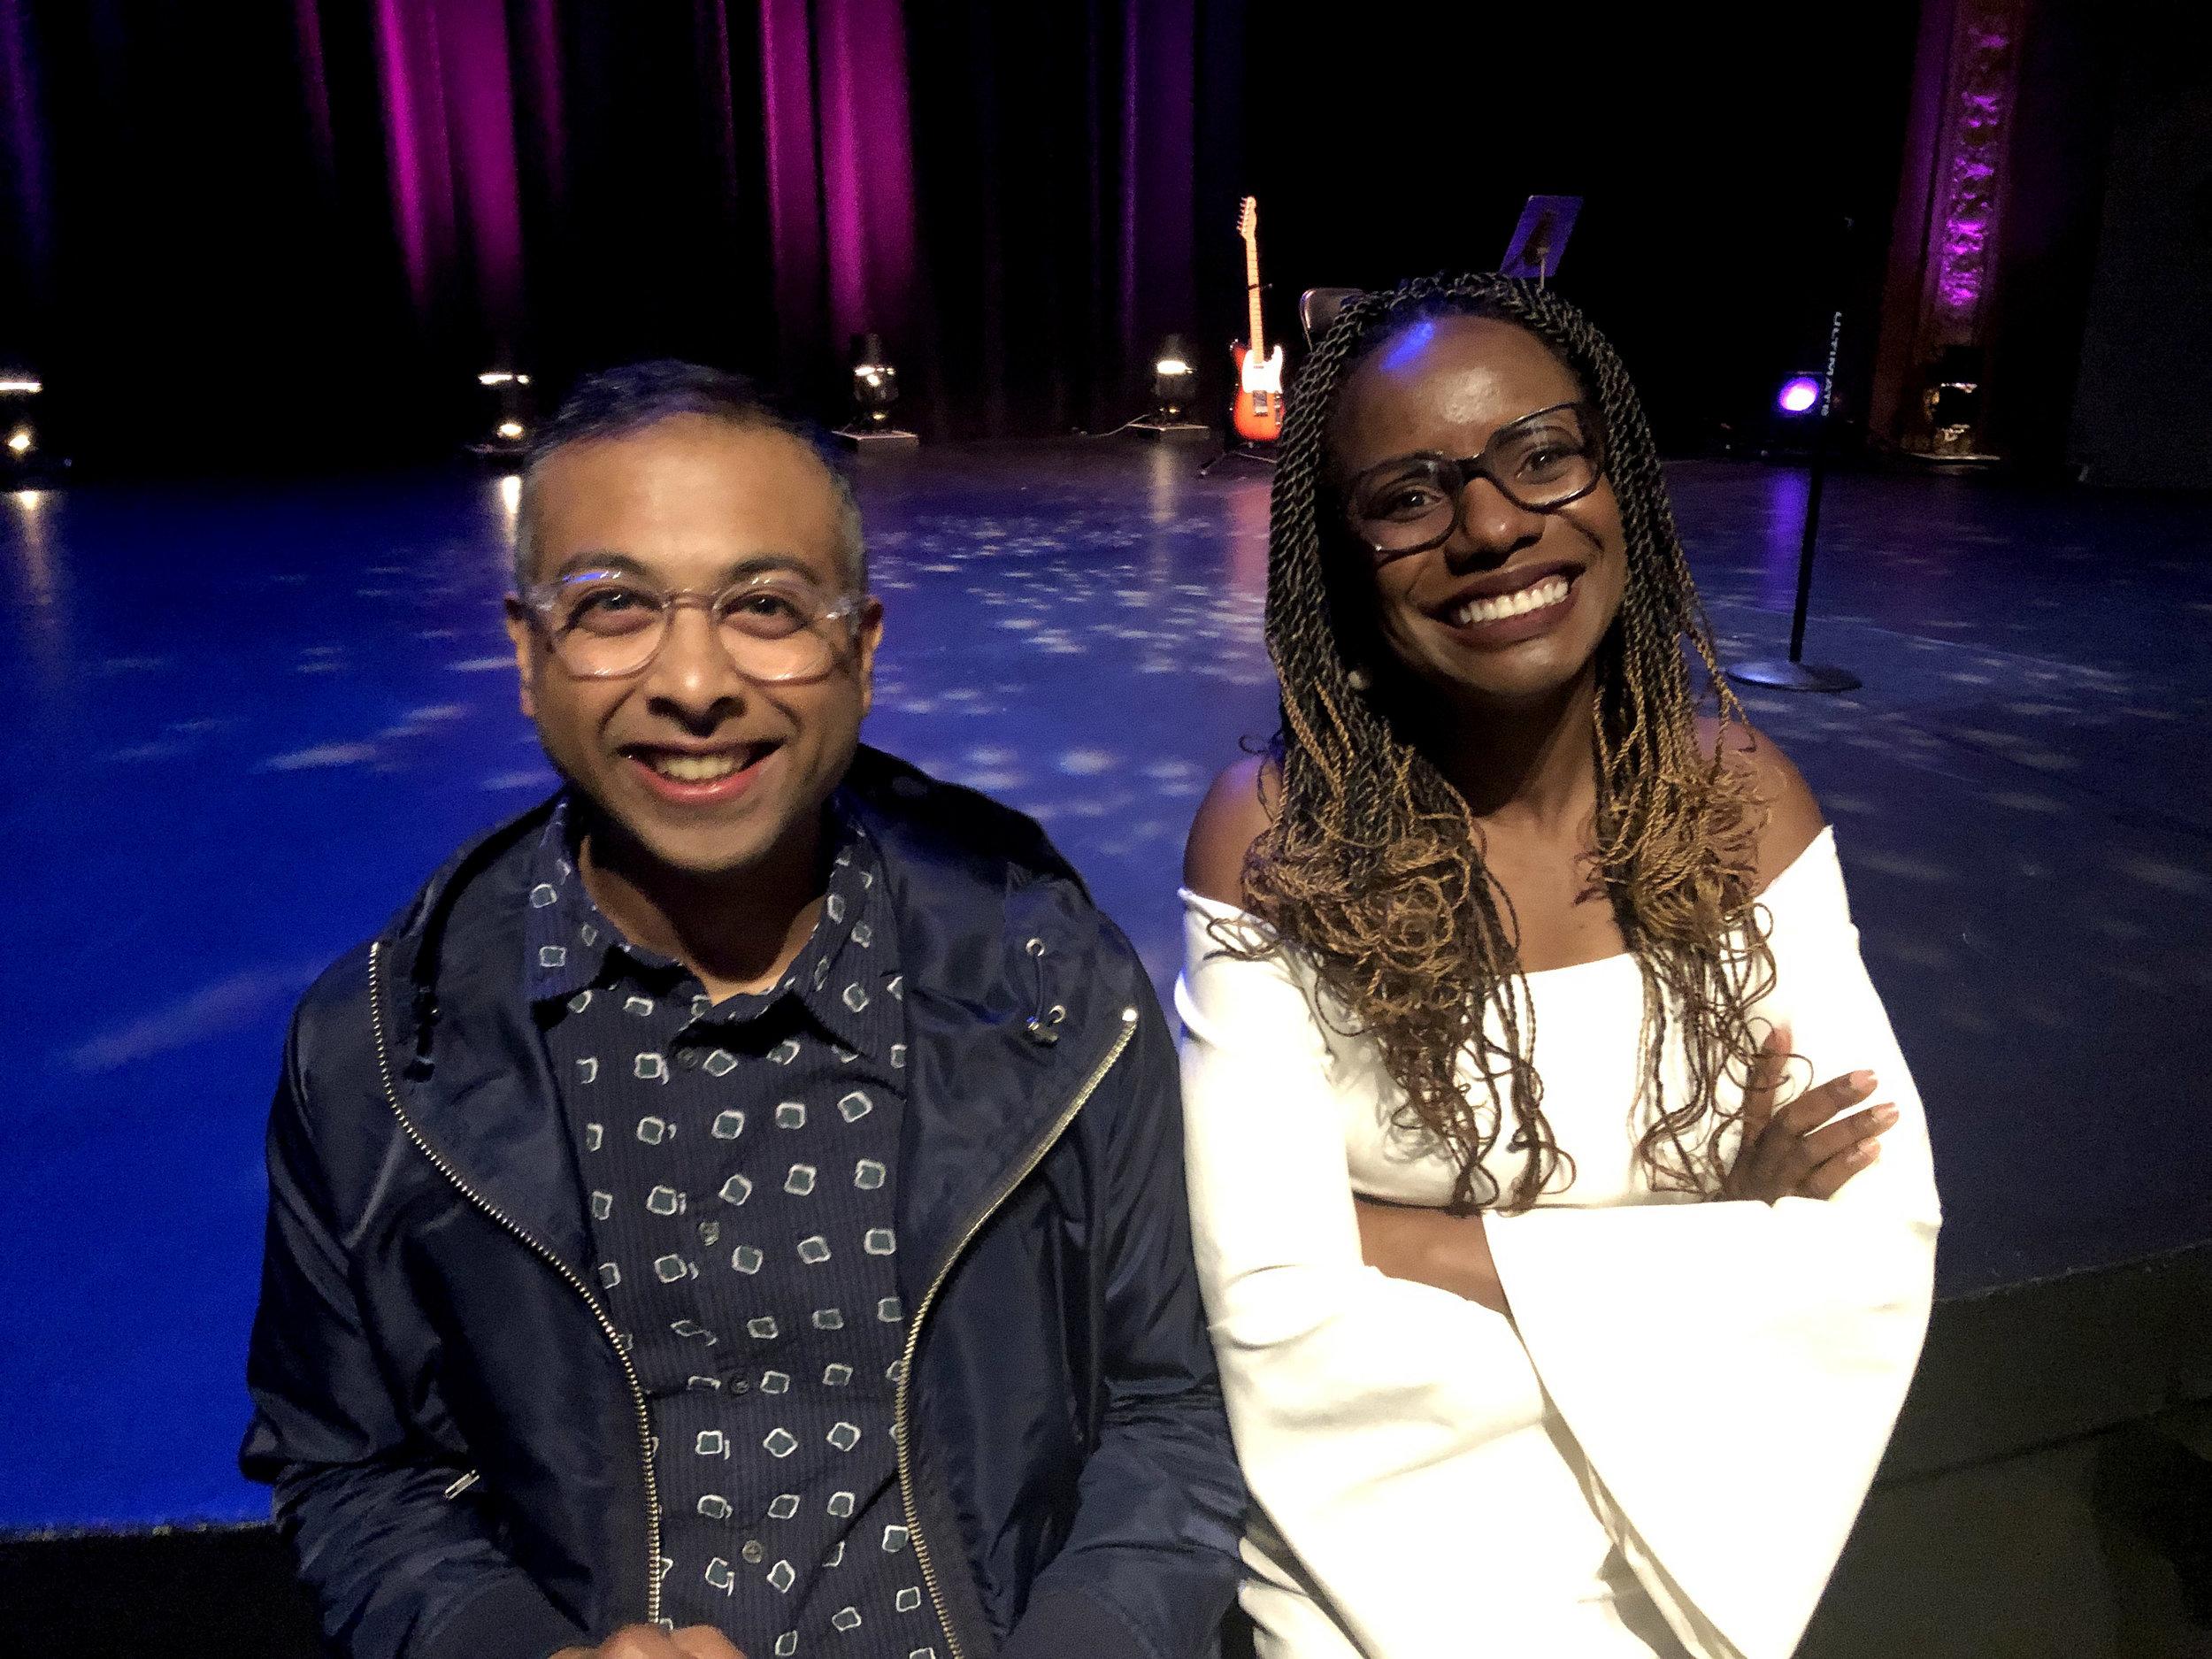 ashim and mellody pre-show.jpg